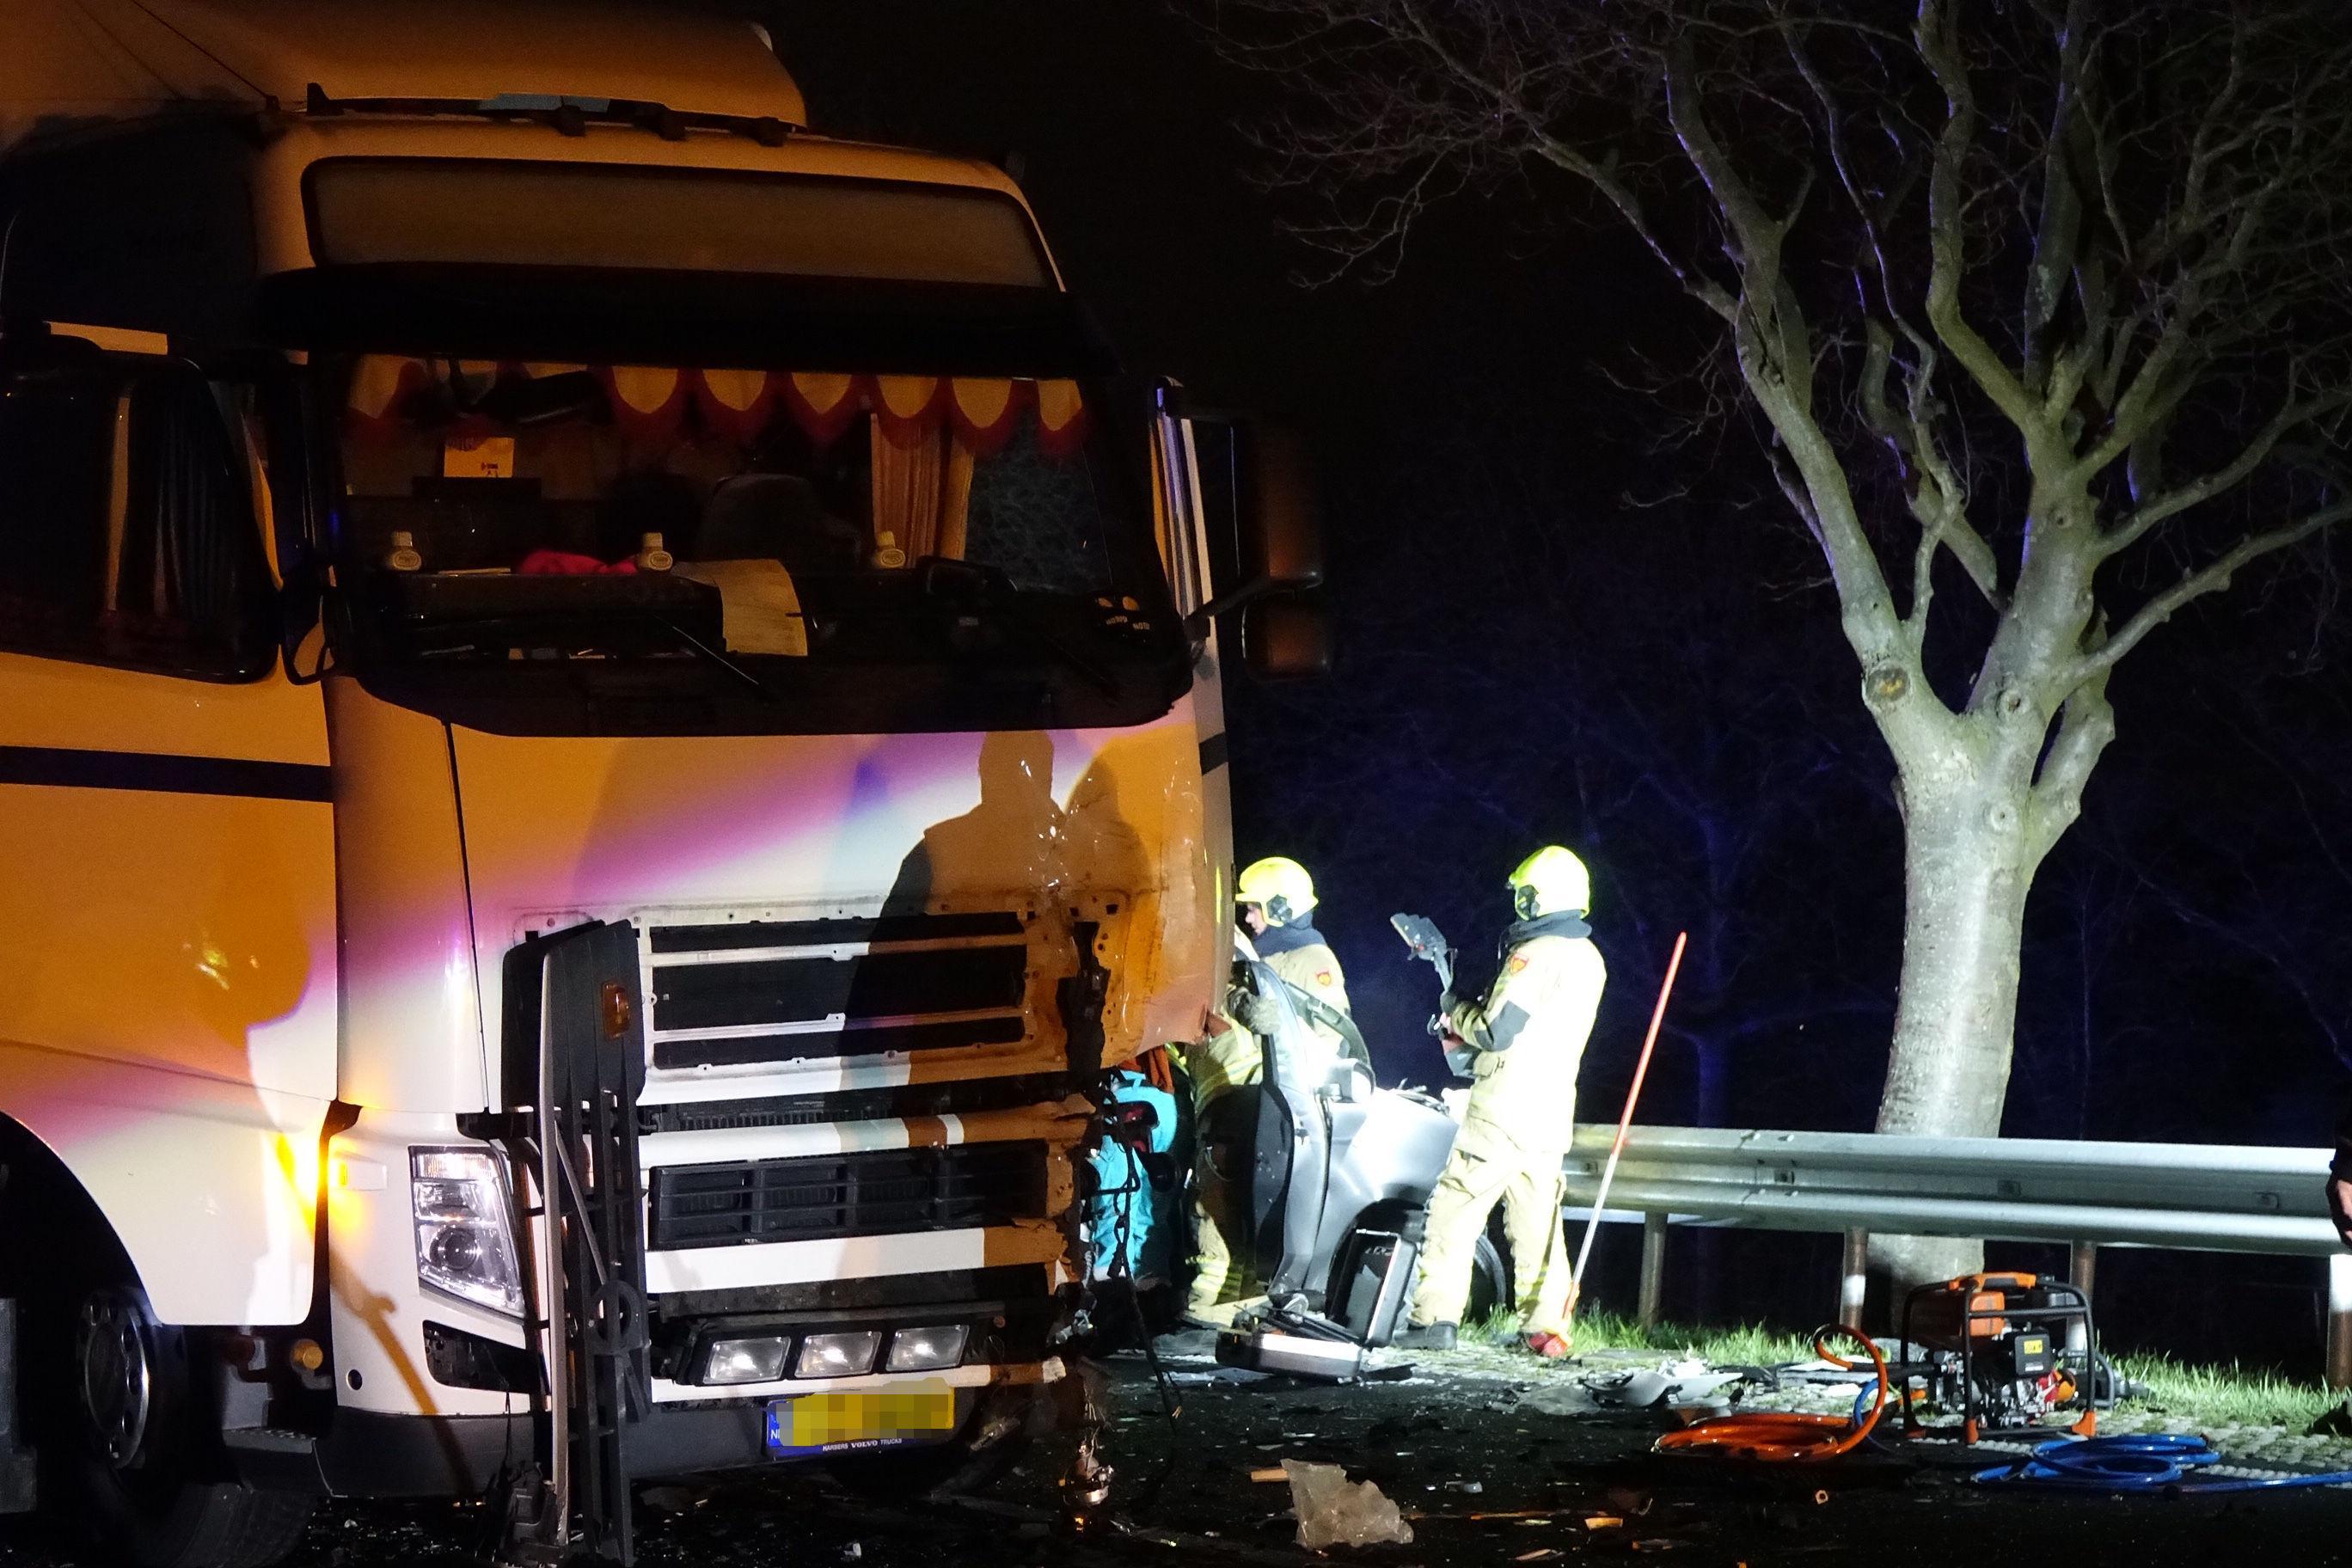 Frontale botsing tussen auto en vrachtwagen op N307 bij Bovenkarspel [update, video]